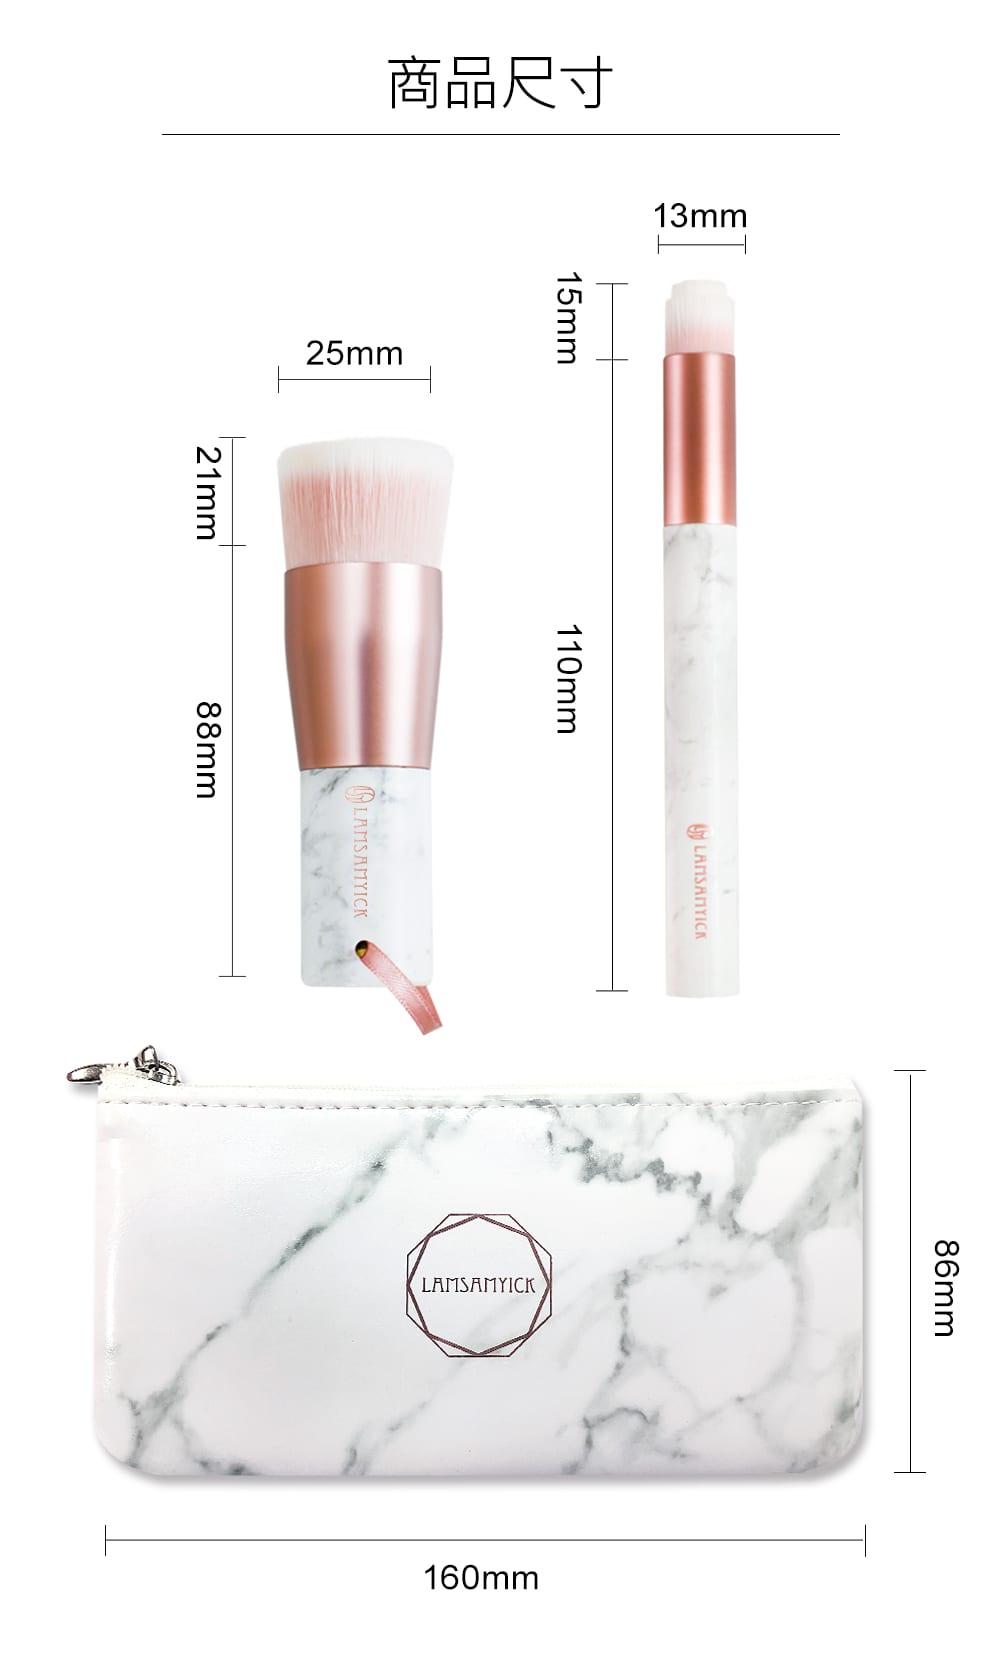 LSY Marble Brush Set - Size